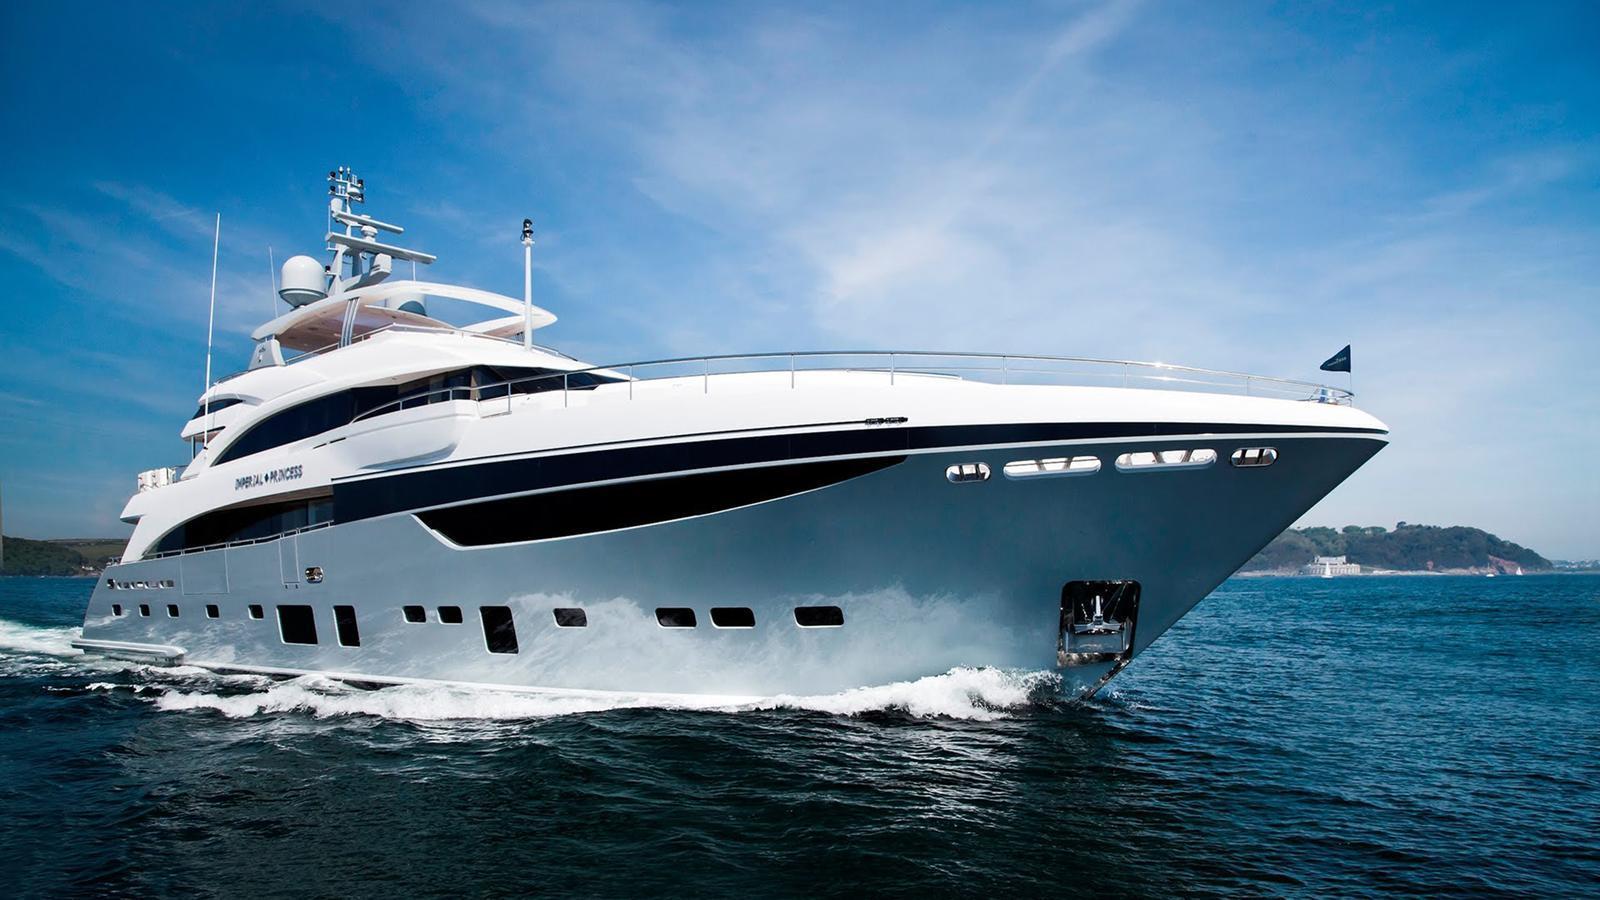 Princess 40M motoryacht Princess 40m 2019 exterior sistership